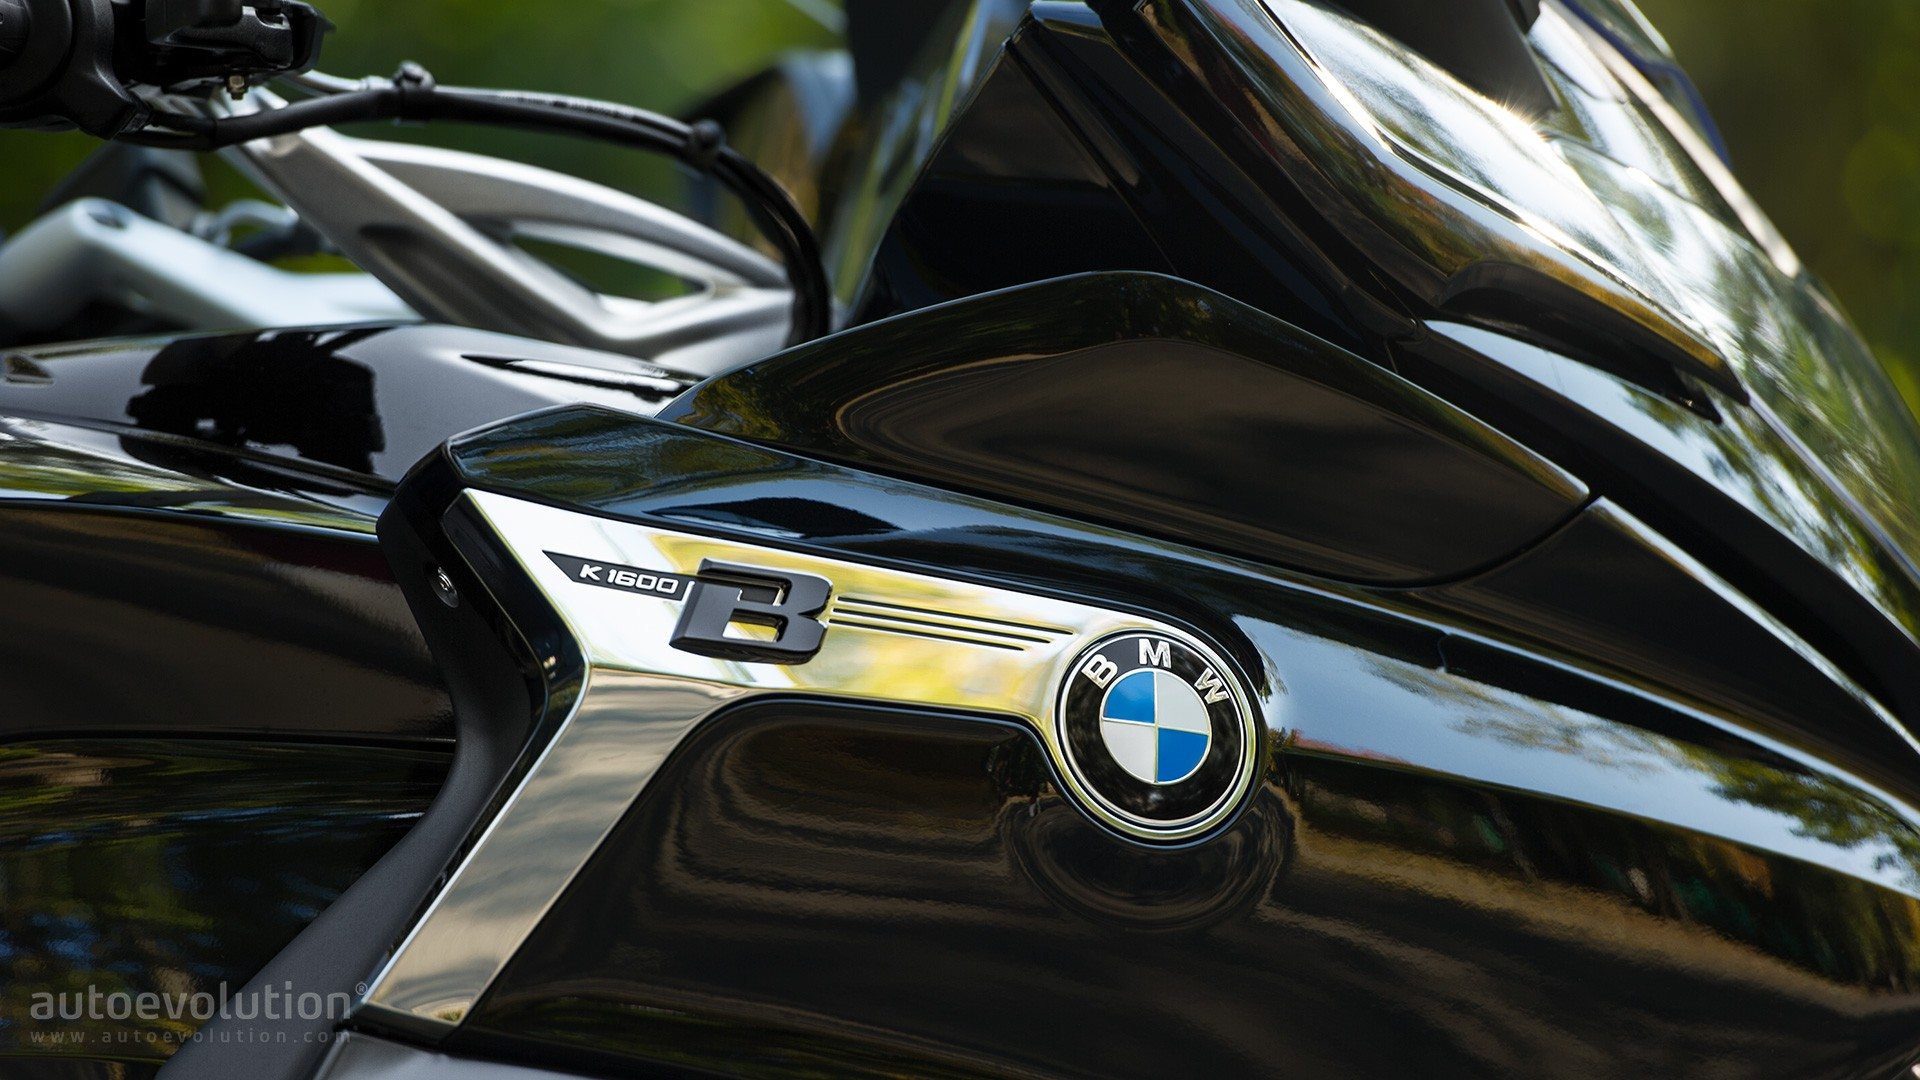 Ridden: 2017 BMW K 1600 B - autoevolution